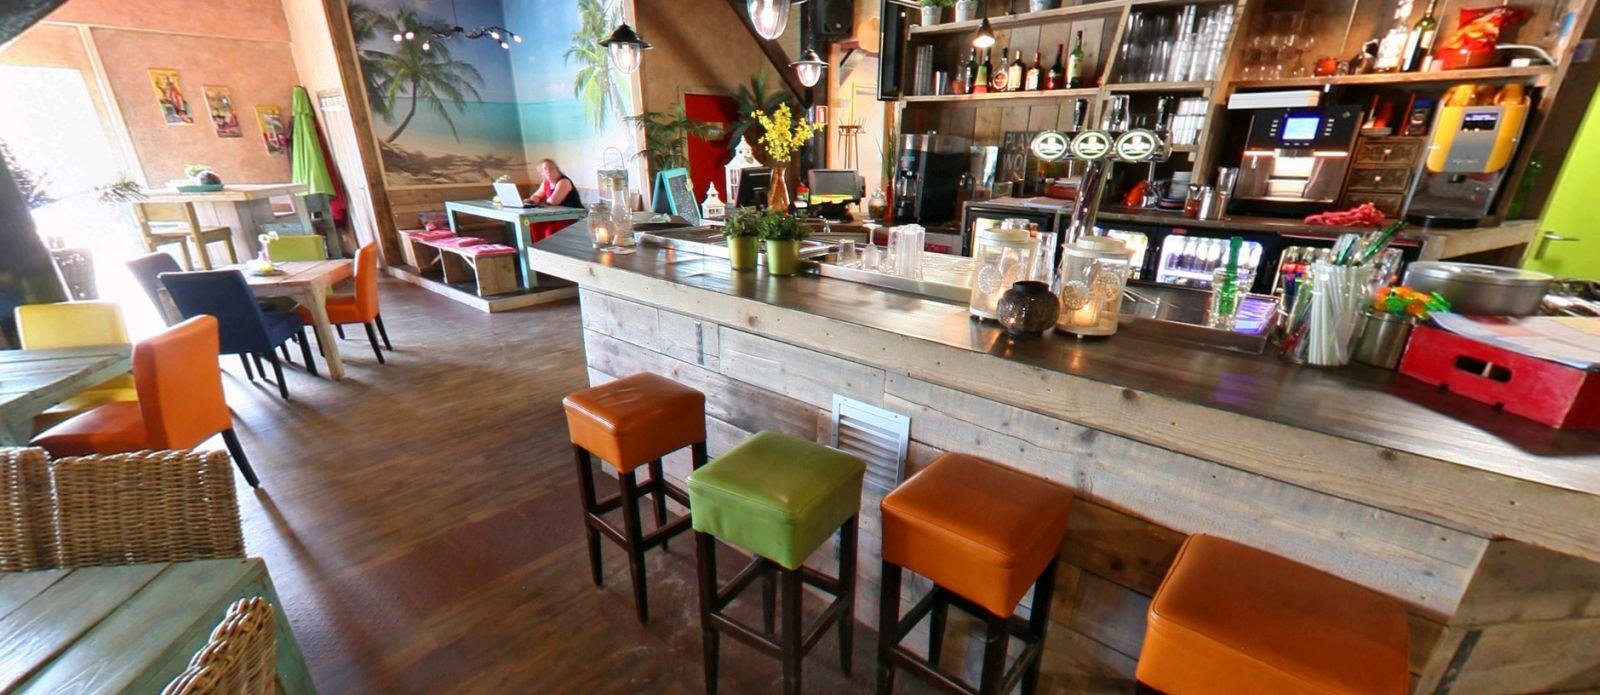 Restaurant Capfun het Stoetenslagh in Overijssel -